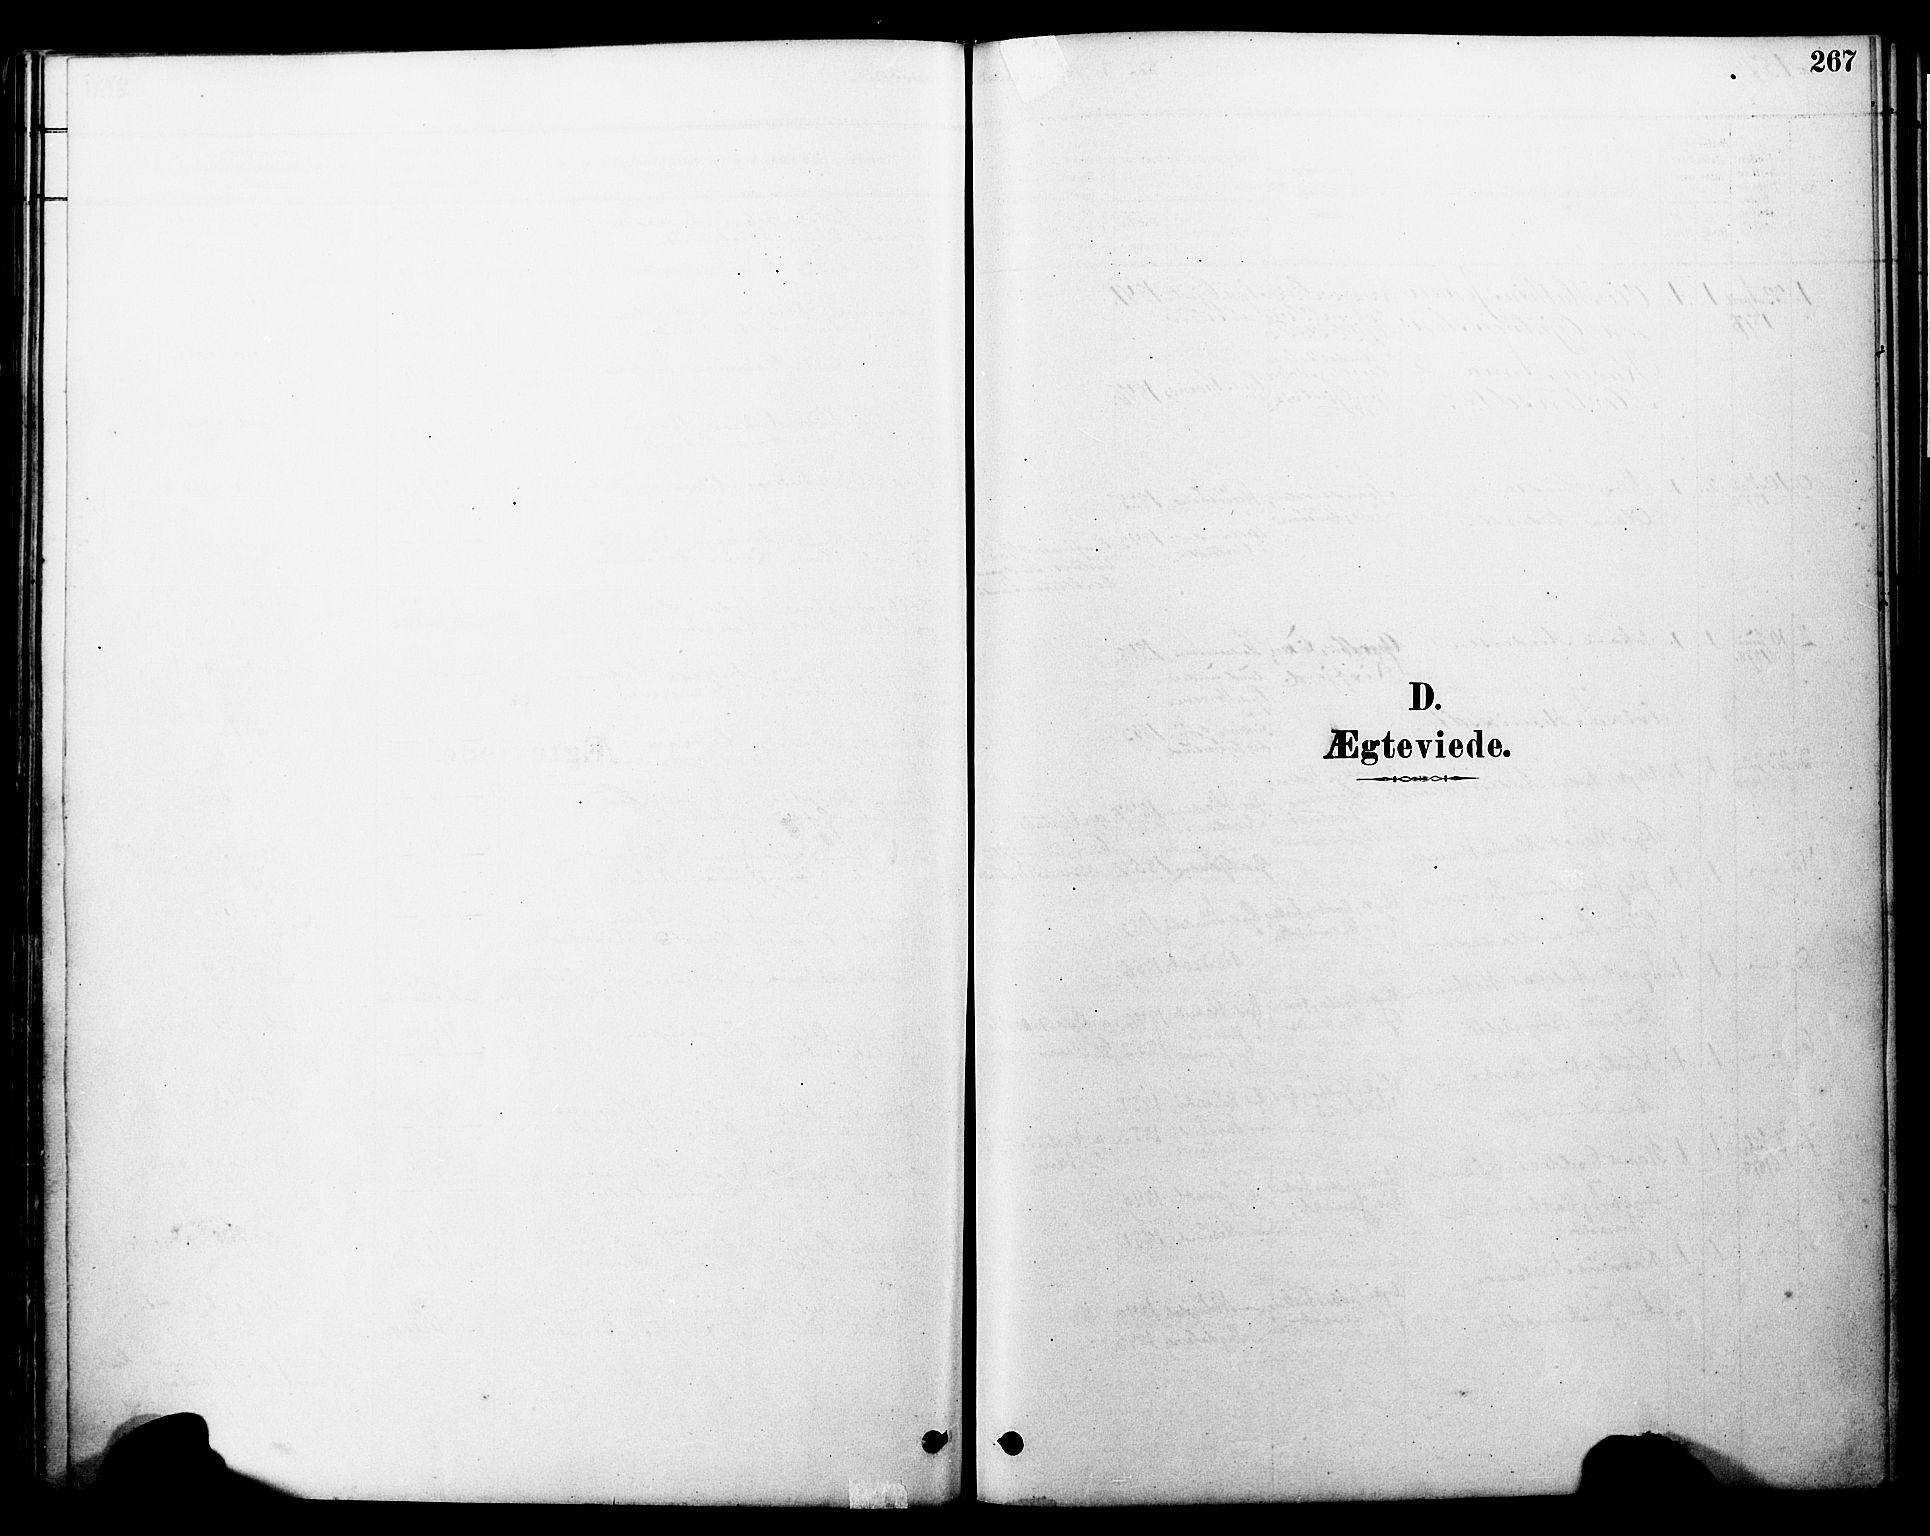 SAT, Ministerialprotokoller, klokkerbøker og fødselsregistre - Møre og Romsdal, 560/L0721: Ministerialbok nr. 560A05, 1878-1917, s. 267